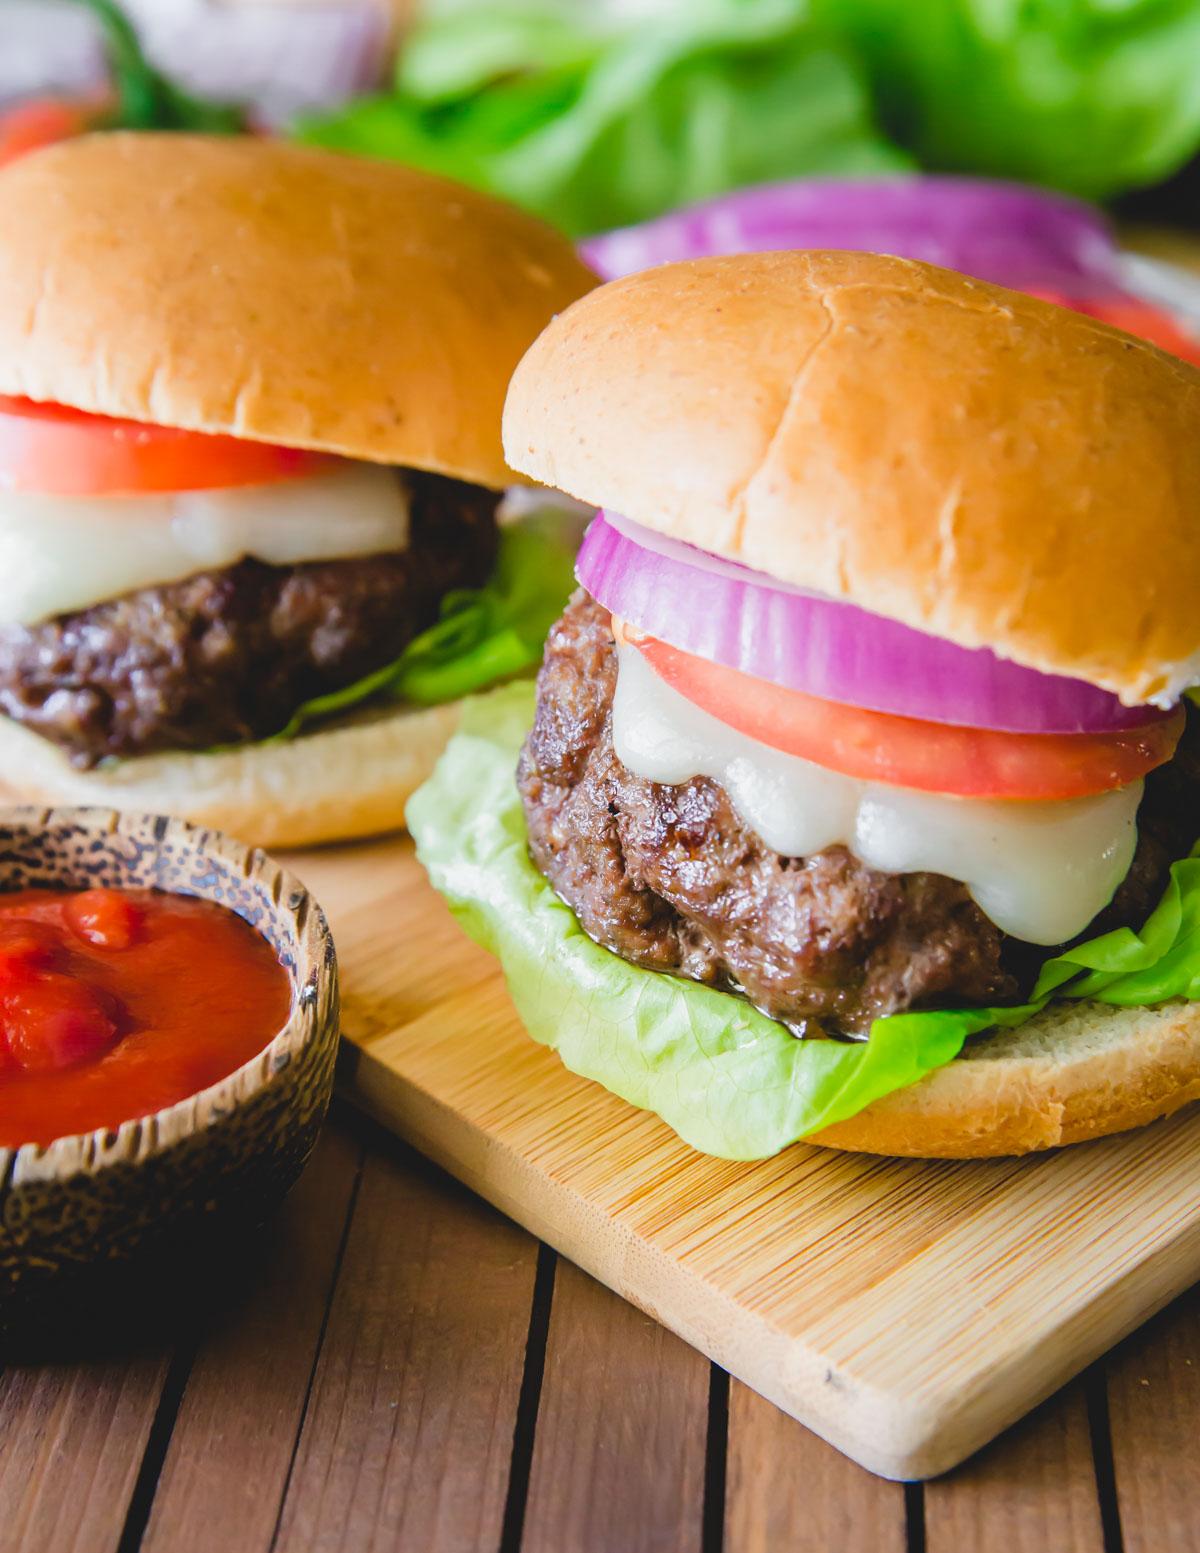 Elk Burgers An Easy Recipe For Making Juicy Elk Burgers